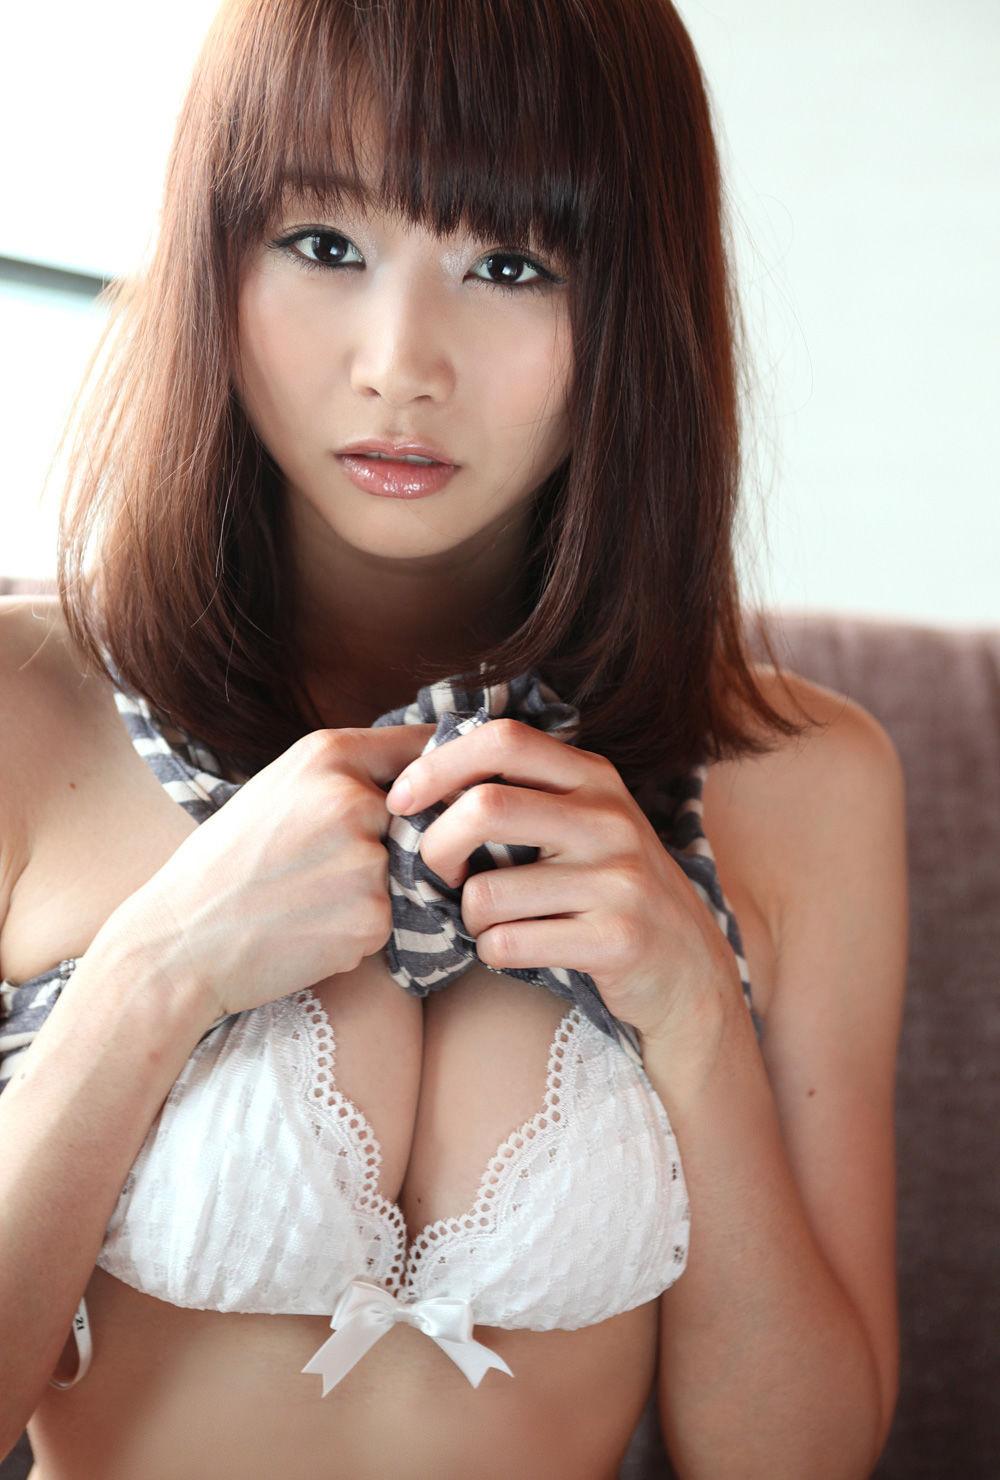 青島あきな 画像 21